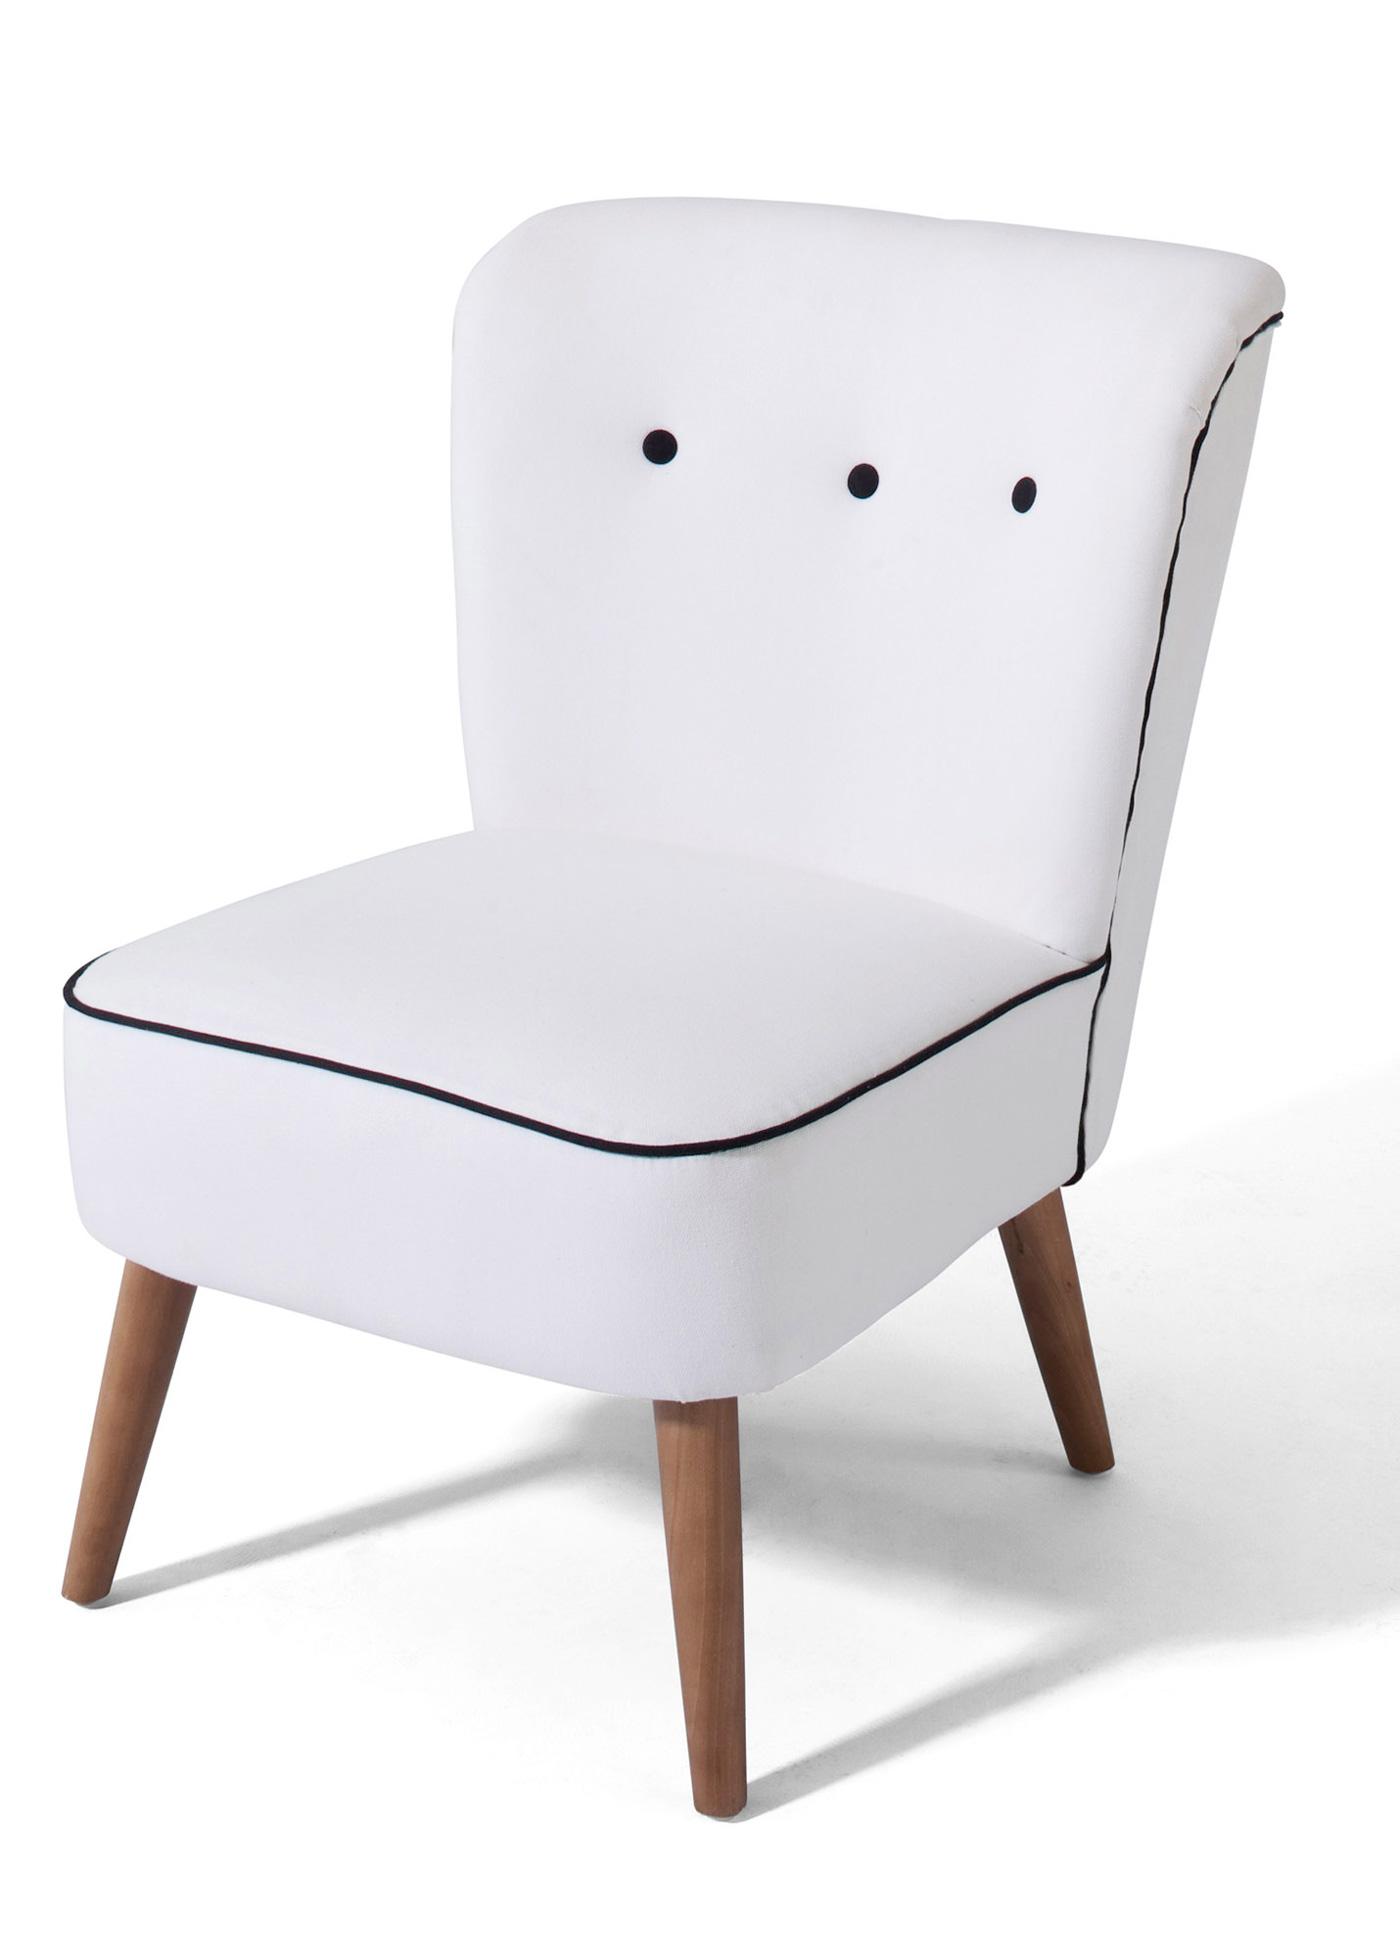 stil polsterm bel preisvergleiche erfahrungsberichte. Black Bedroom Furniture Sets. Home Design Ideas